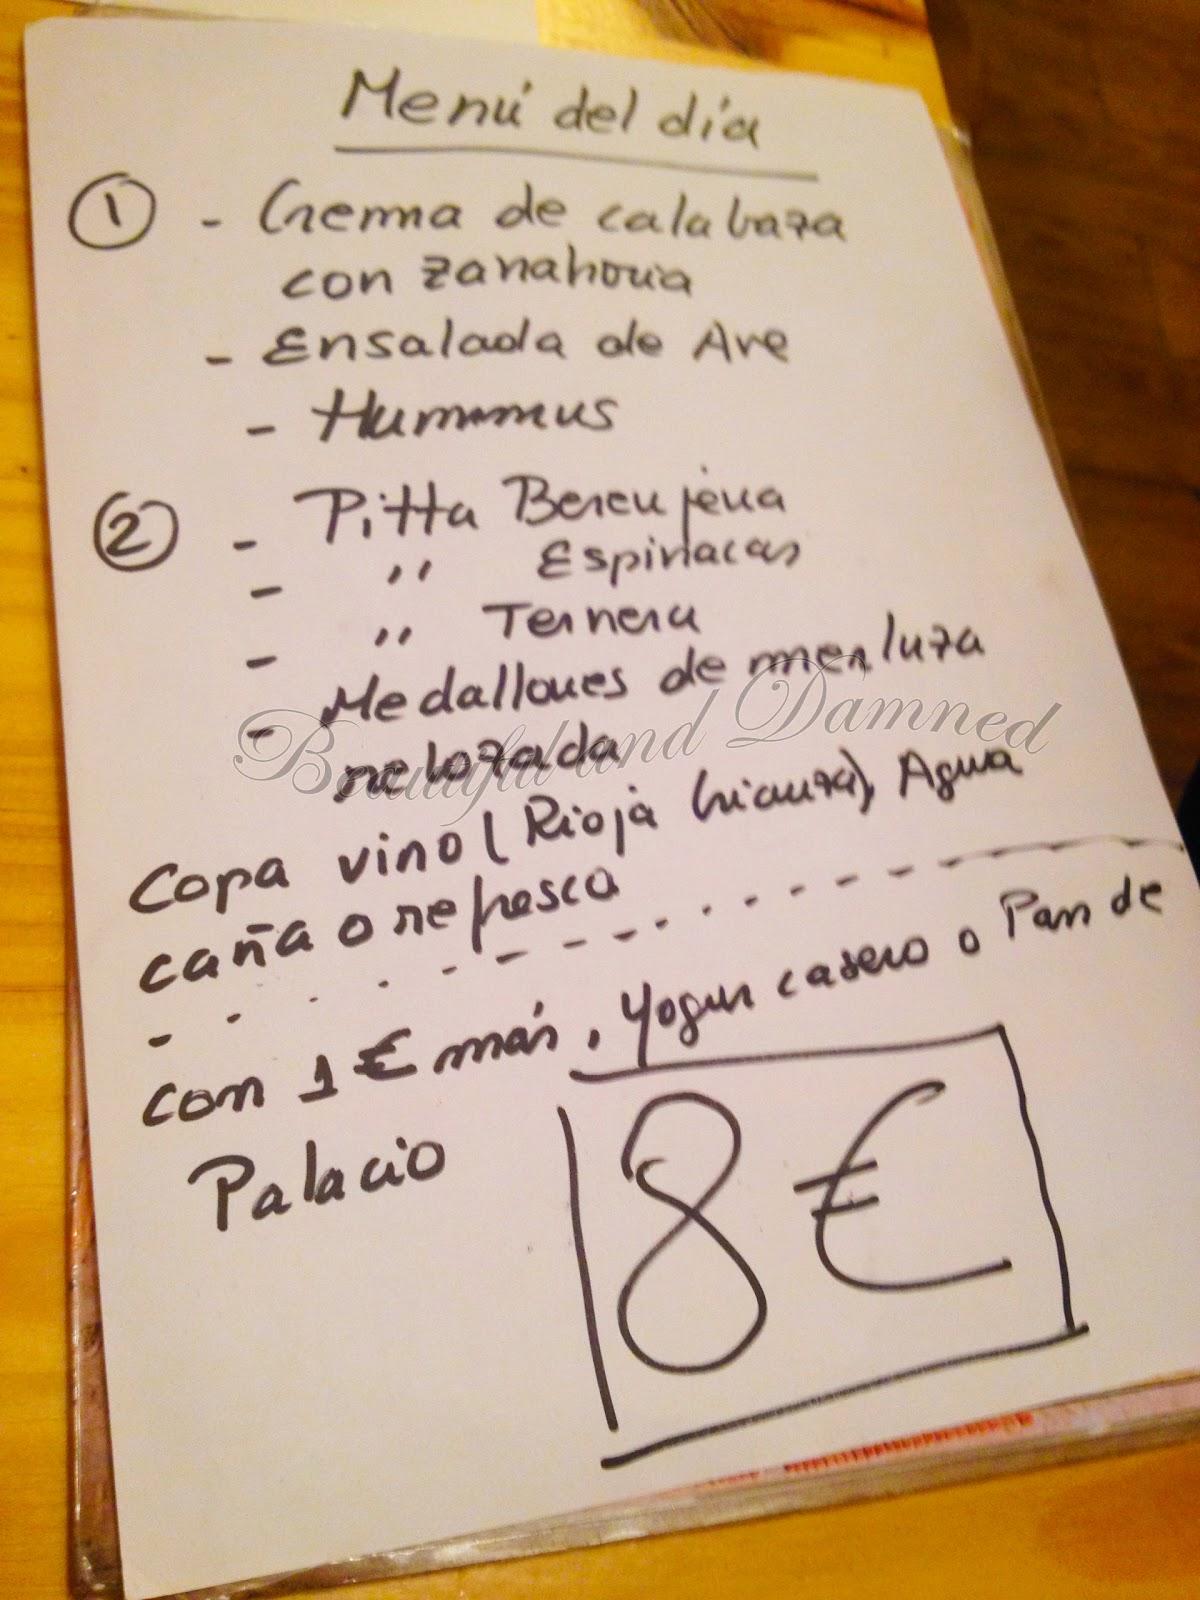 Menú del día del Café Capuccino